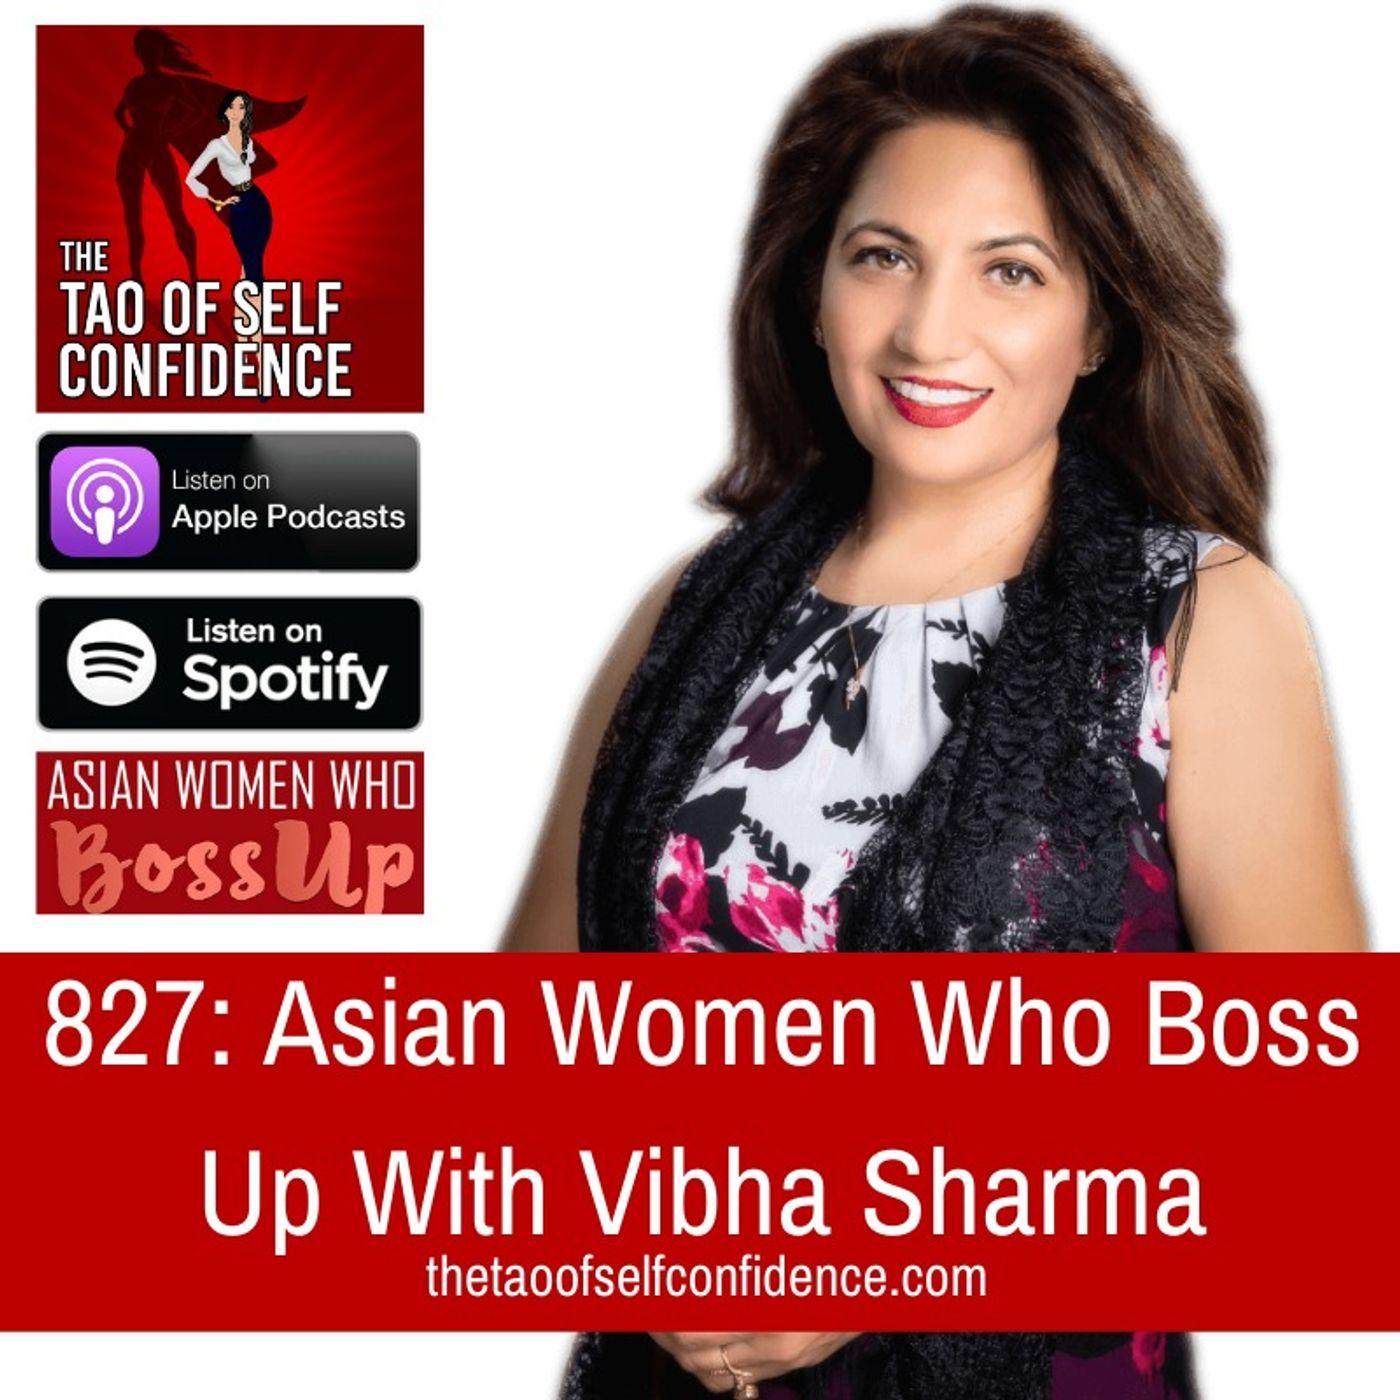 827: Asian Women Who Boss Up With Vibha Sharma